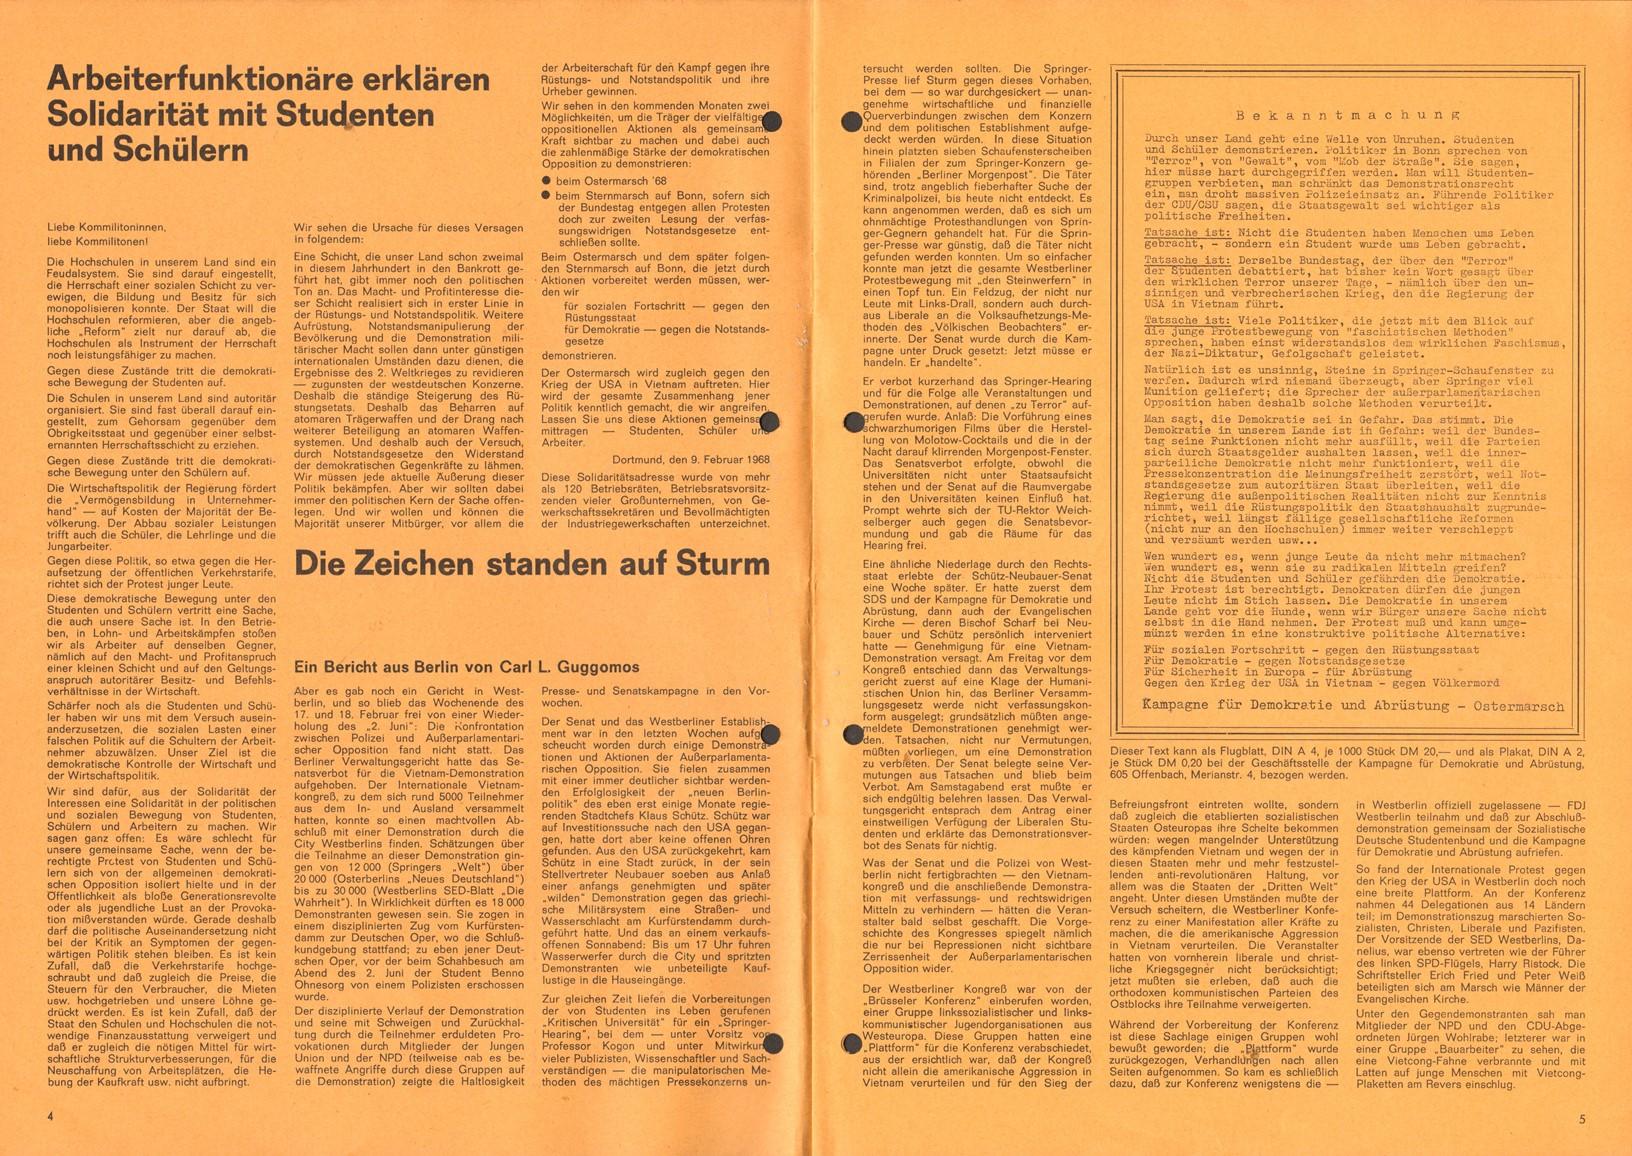 Informationen_zur_Abruestung_1968_055_003